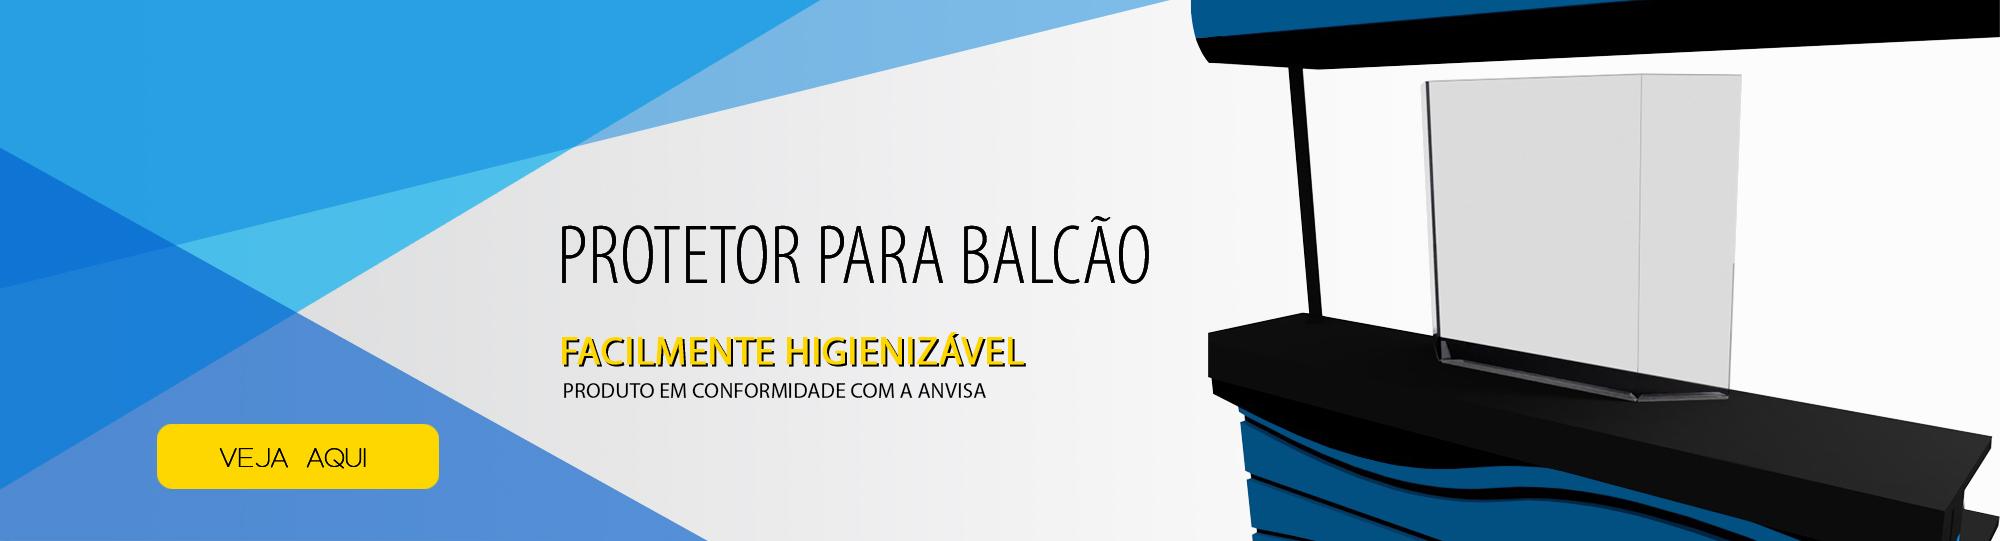 Placa de Proteção Salivar para Balcão